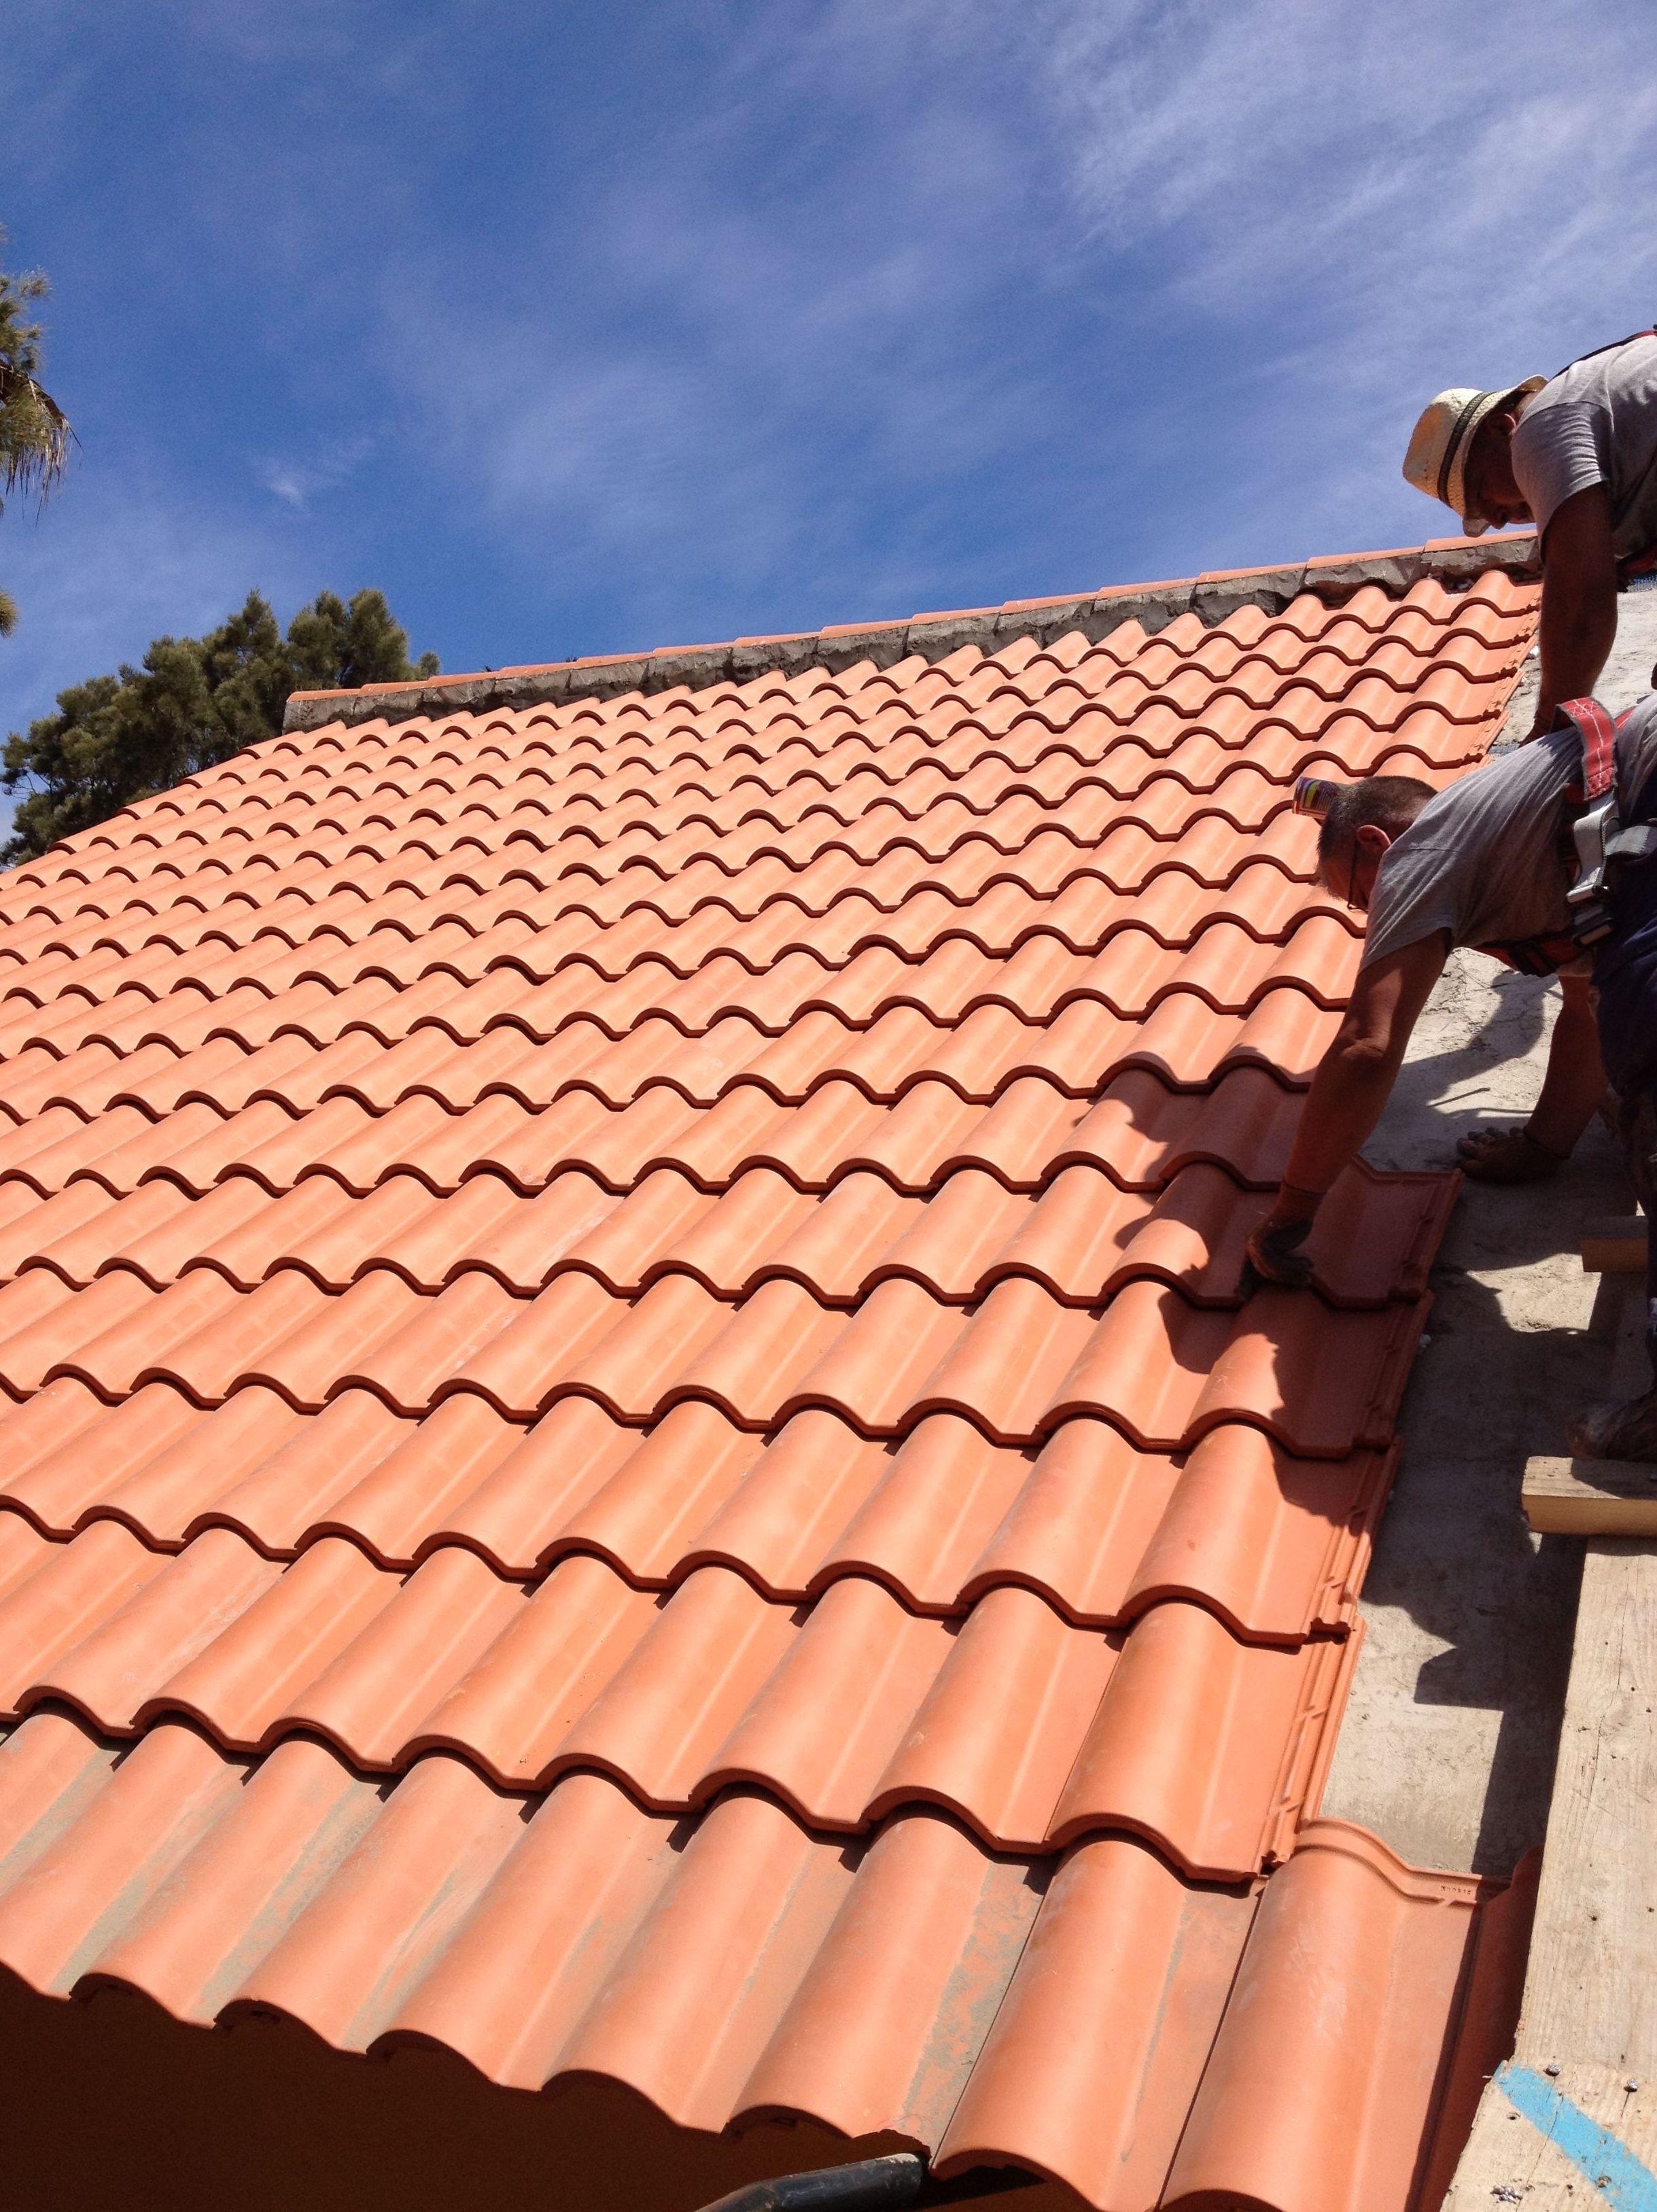 Rehabilitación de tejado. Impermeabilización y colocación de tejas. La Laguna. Santa Cruz de Tenerife